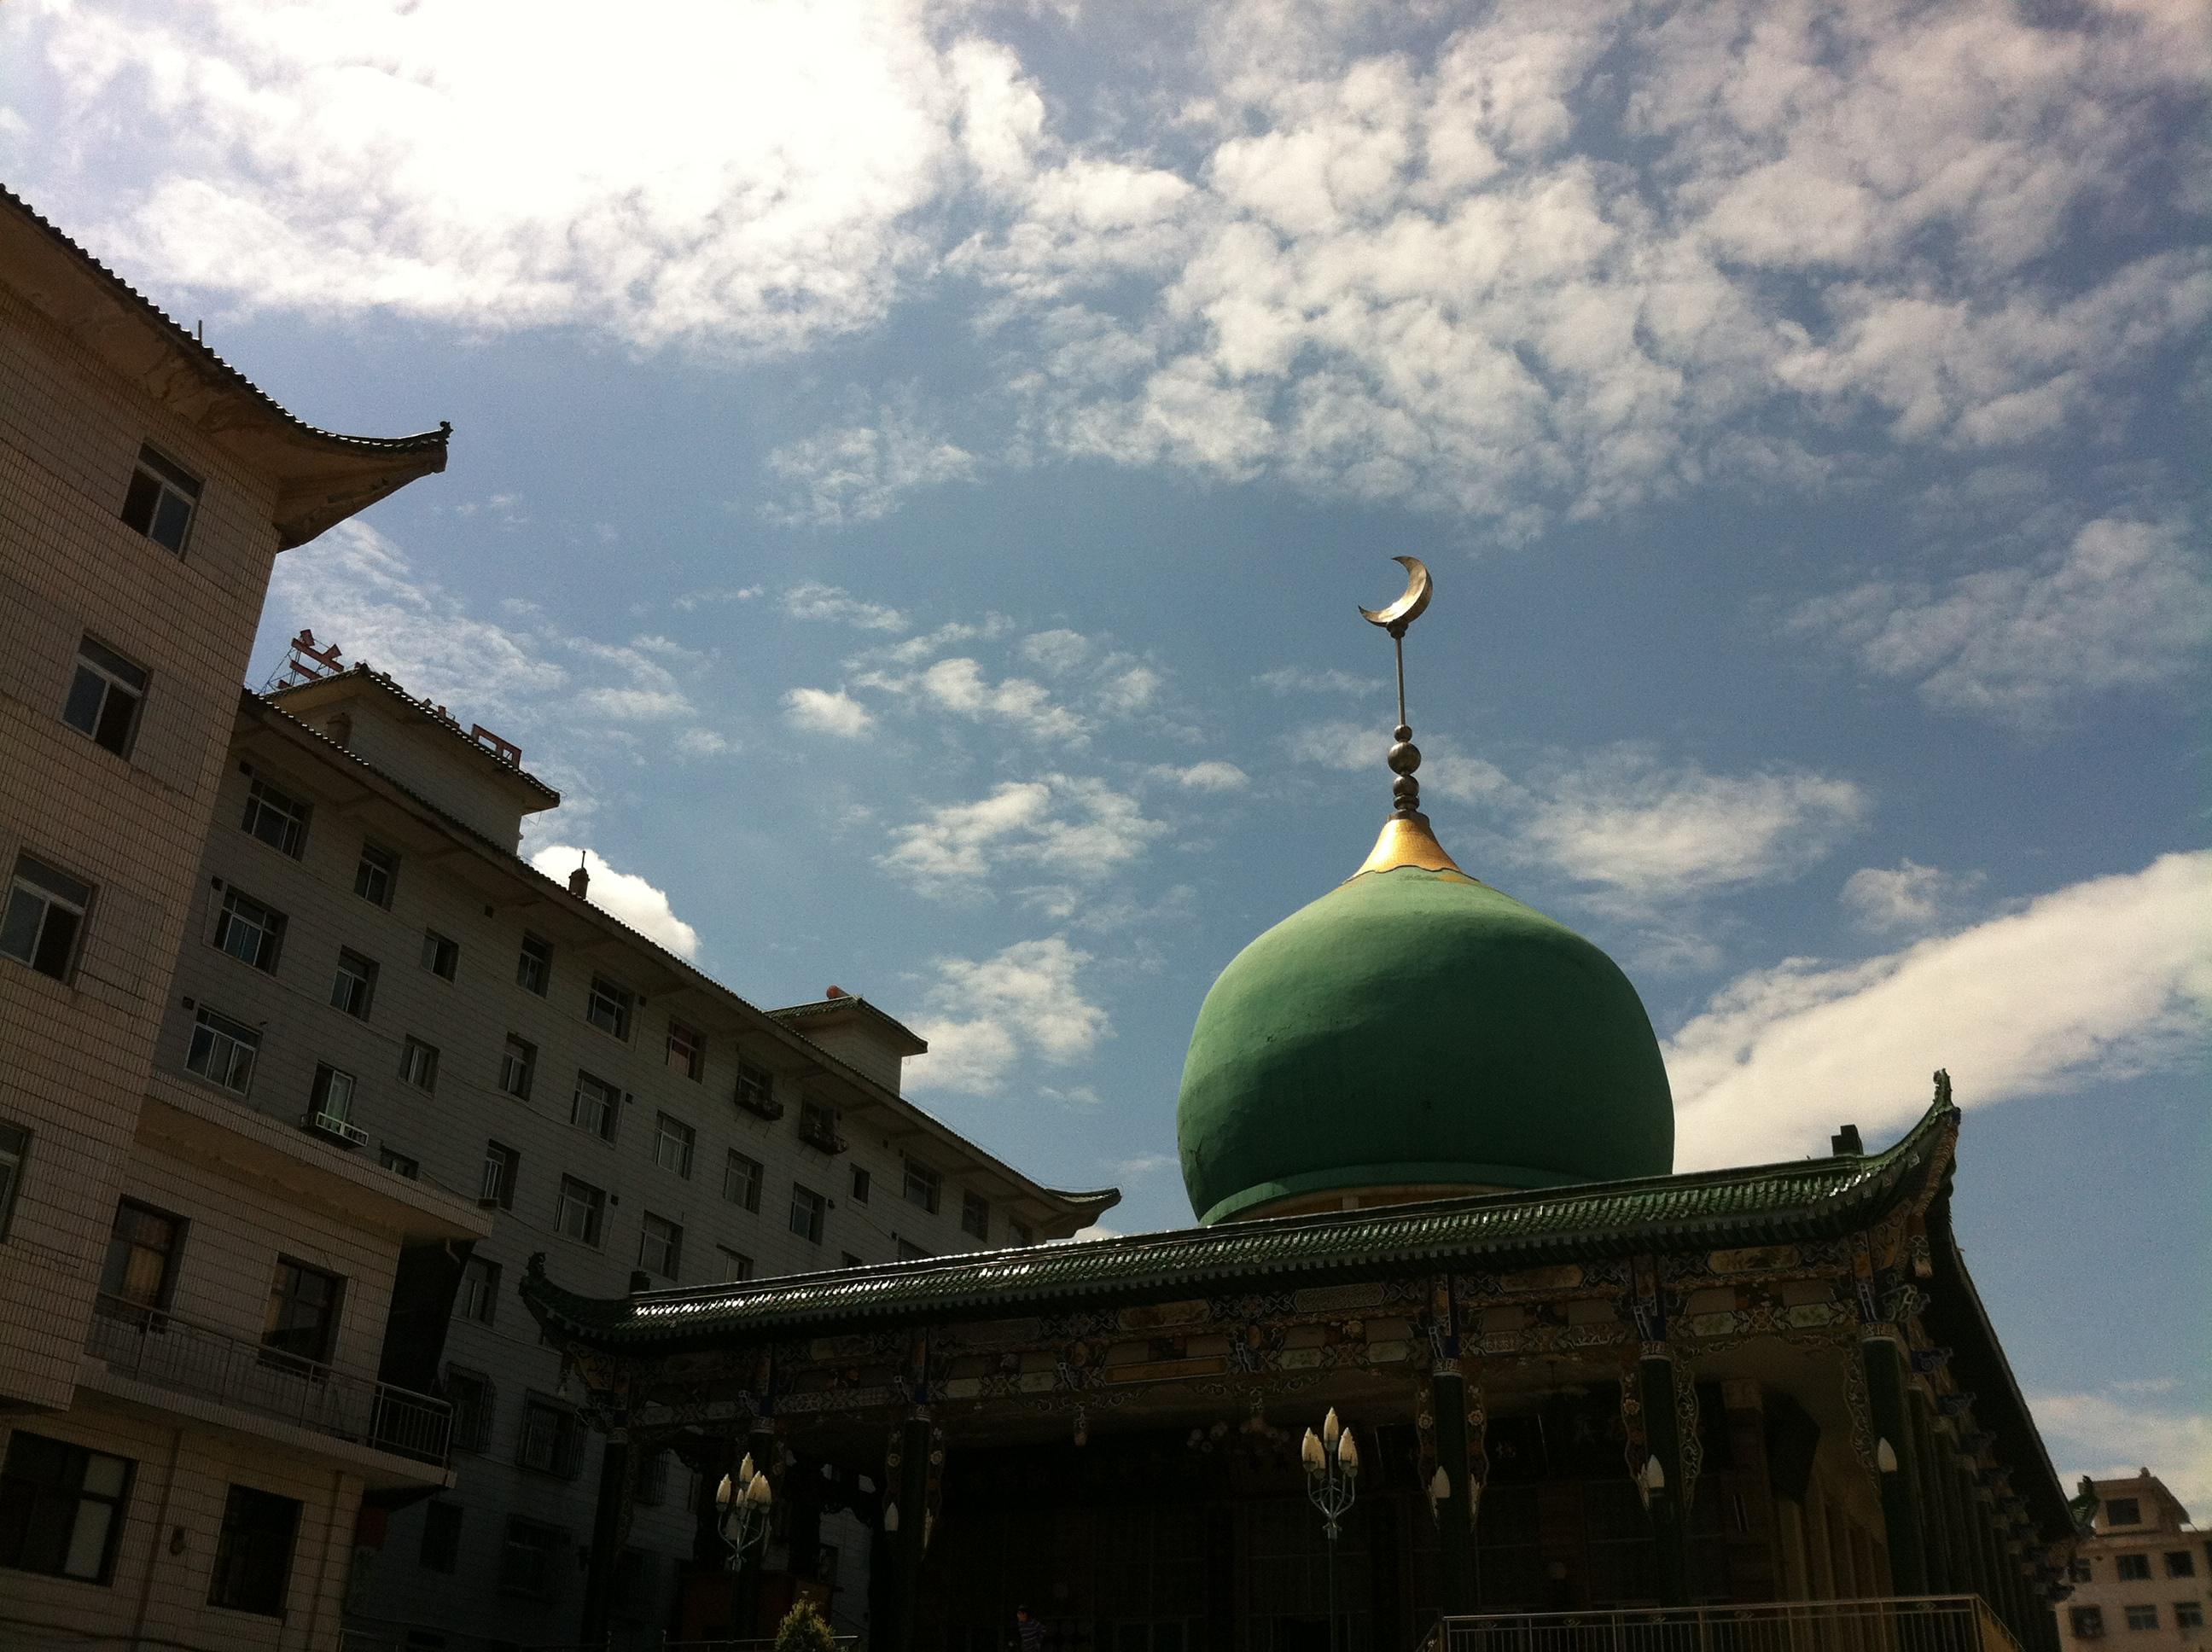 兰州清真寺